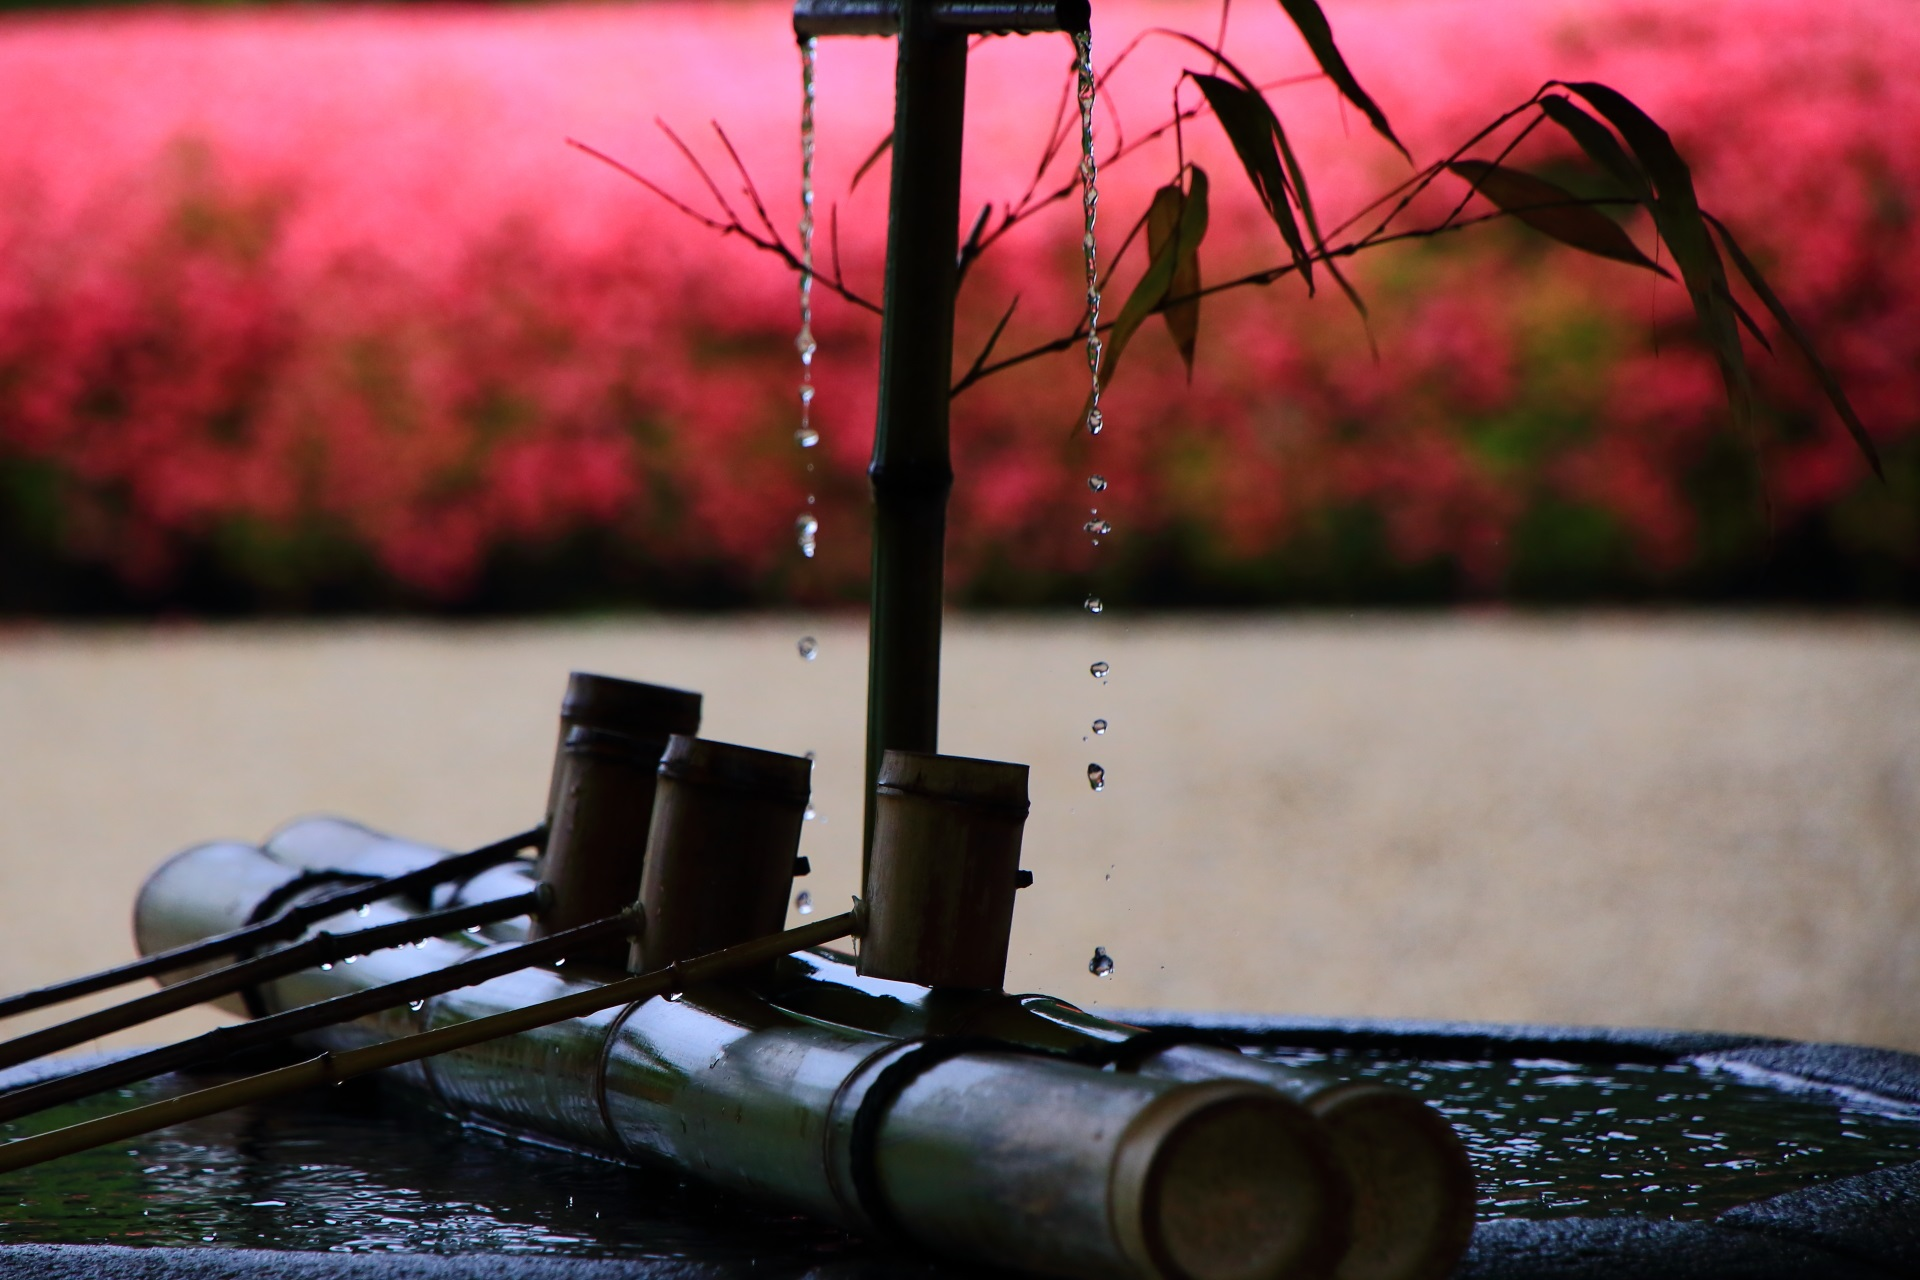 善峯寺のピンクのサツキを背景に落ちる水滴